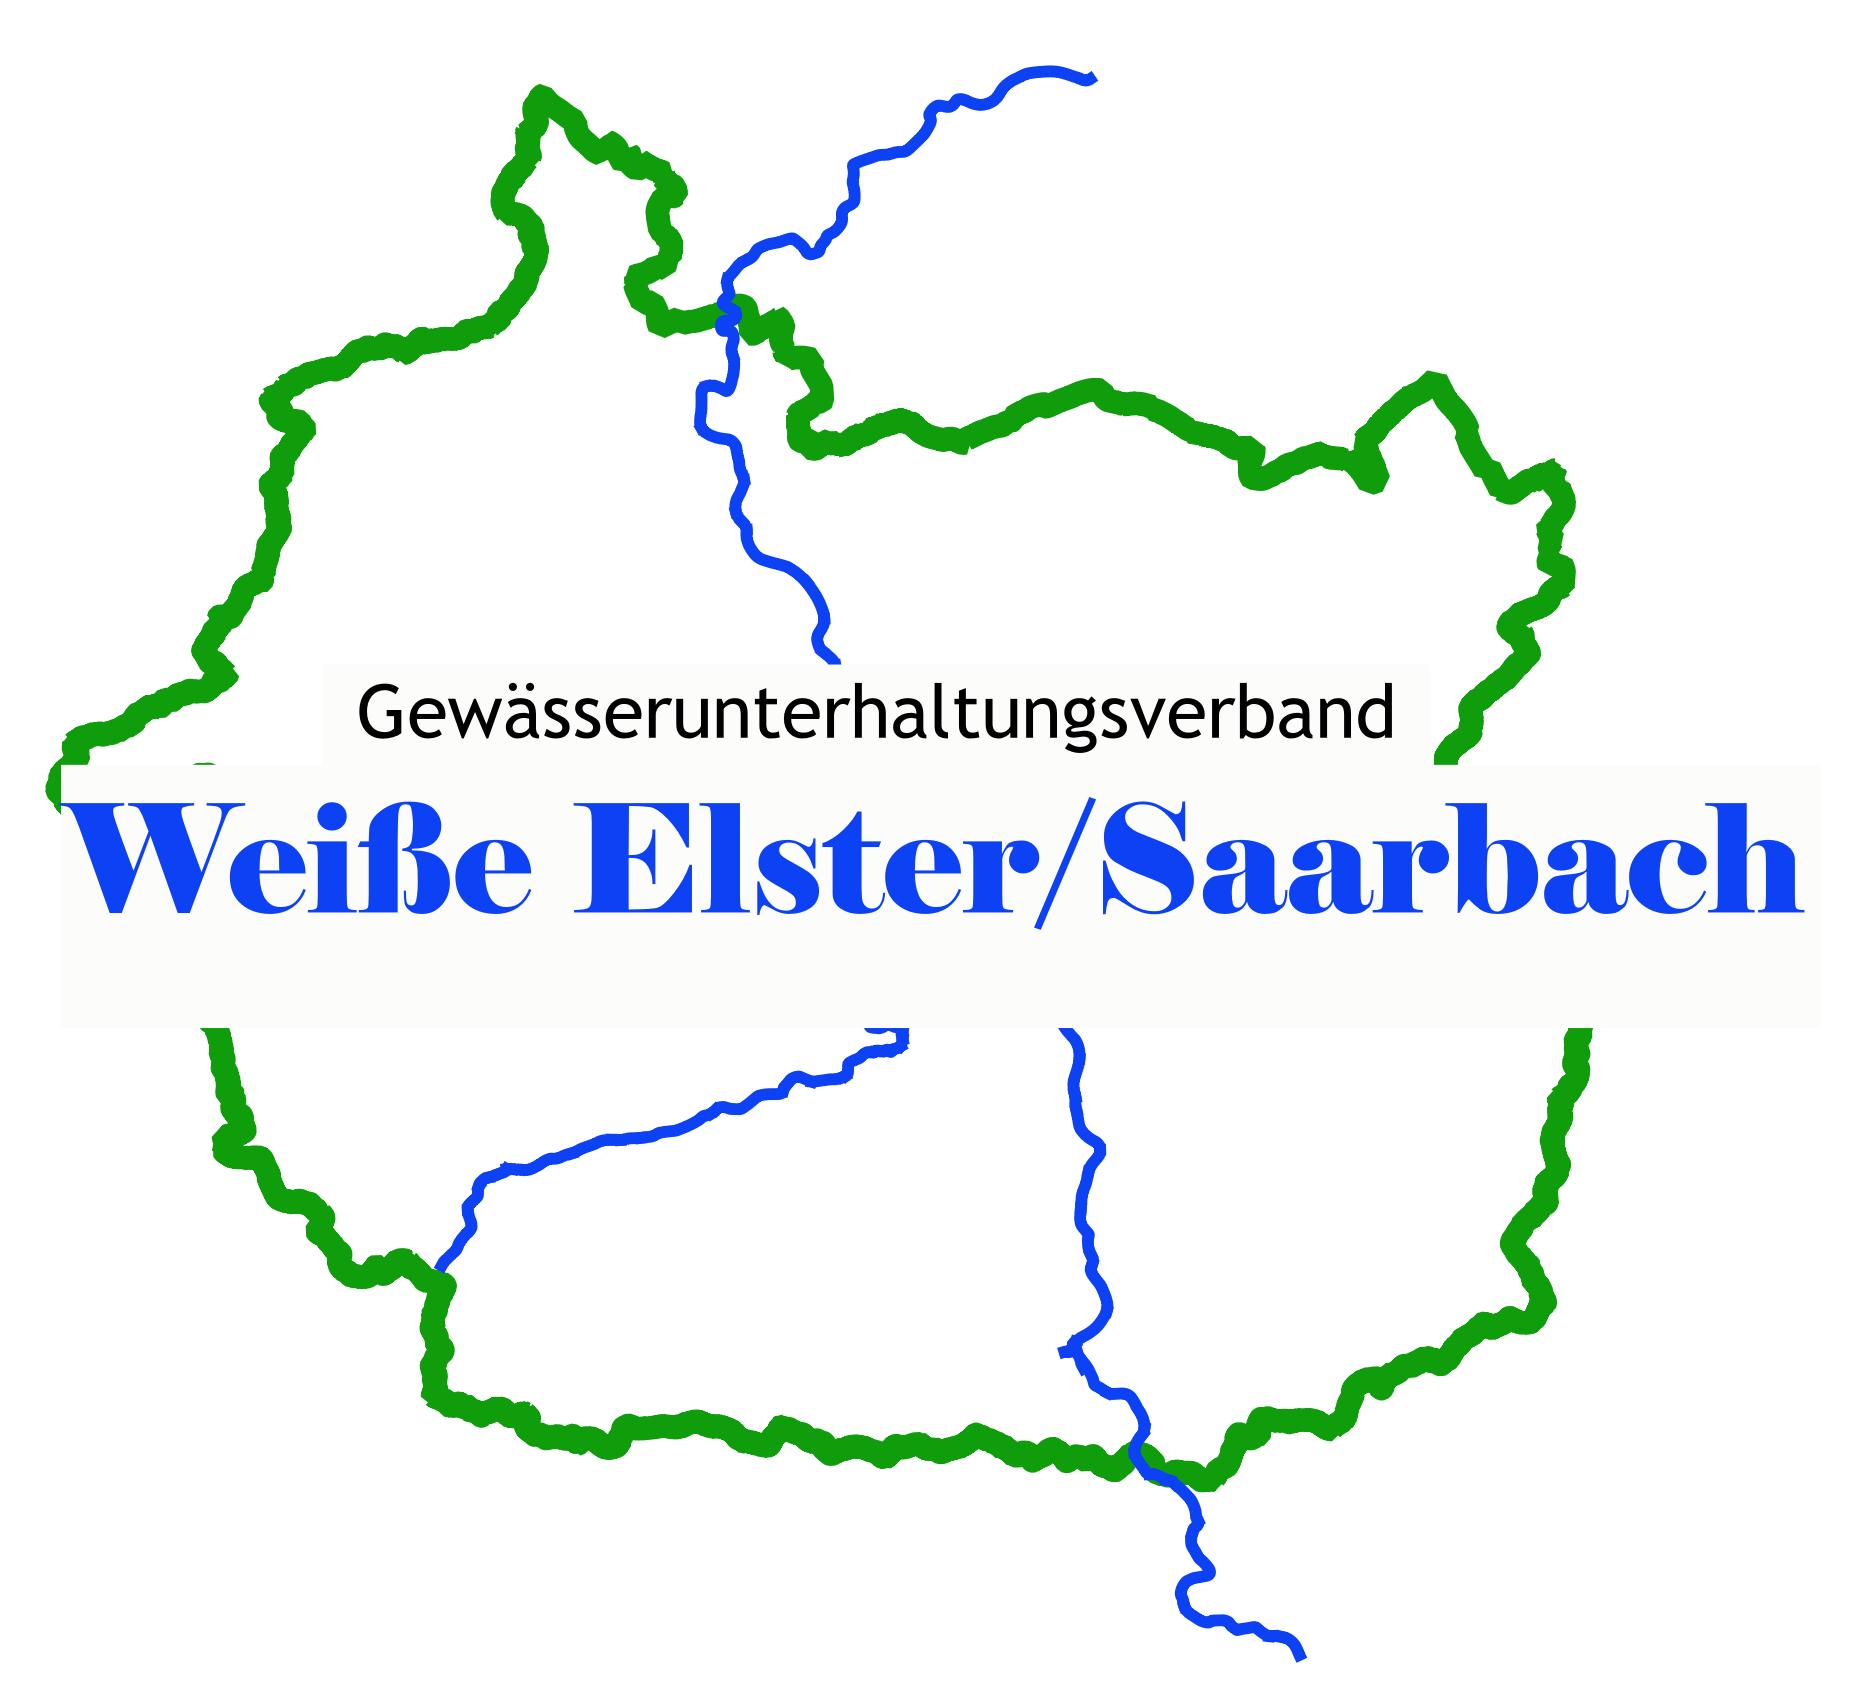 Weiße Elster/Saarbach